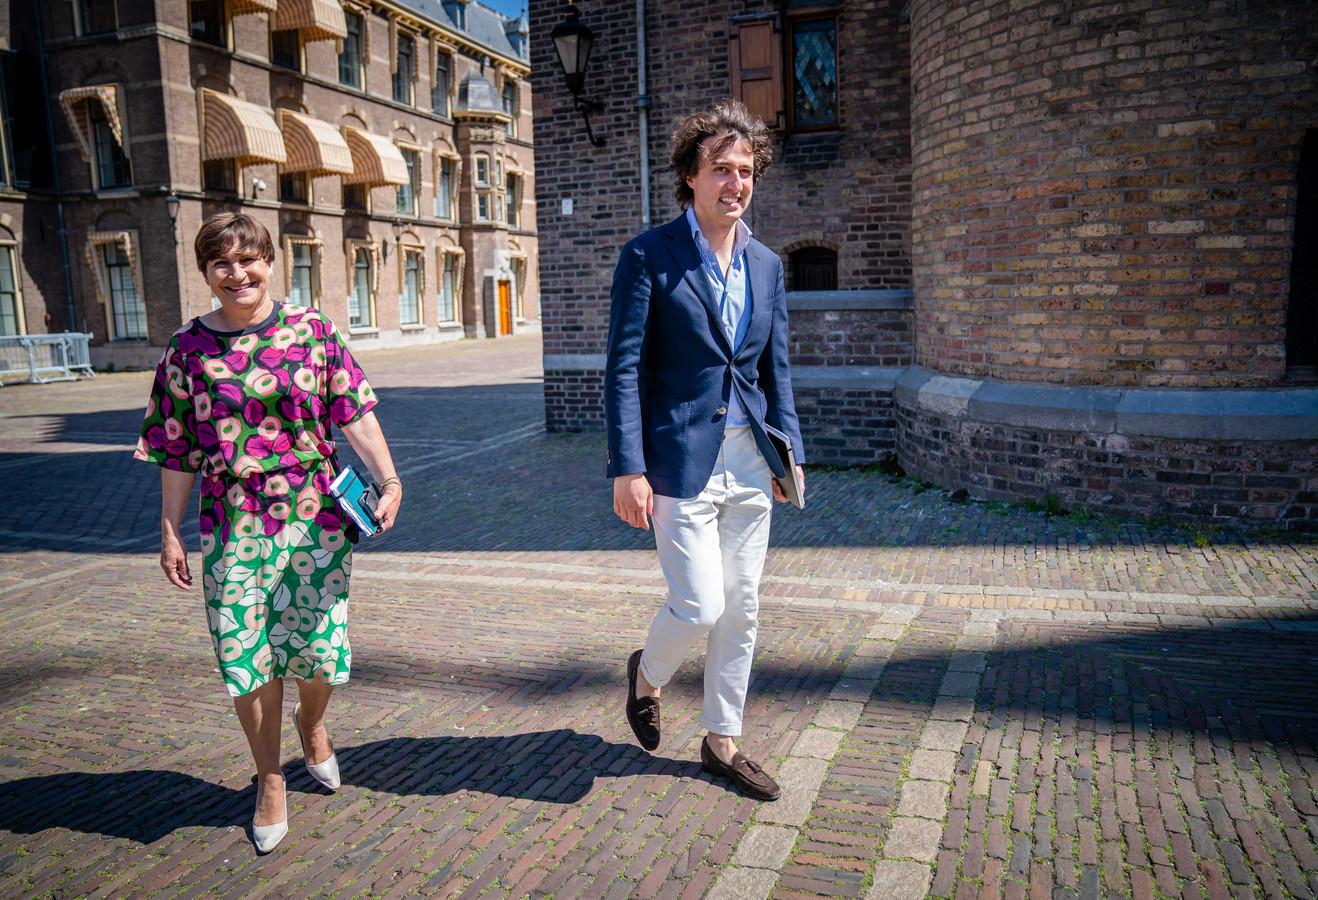 Fractieleiders Lilianne Ploumen (PvdA) en Jesse Klaver (Groenlinks). Sigrid Kaag wil de twee linkse partijen graag in het nieuwe kabinet hebben